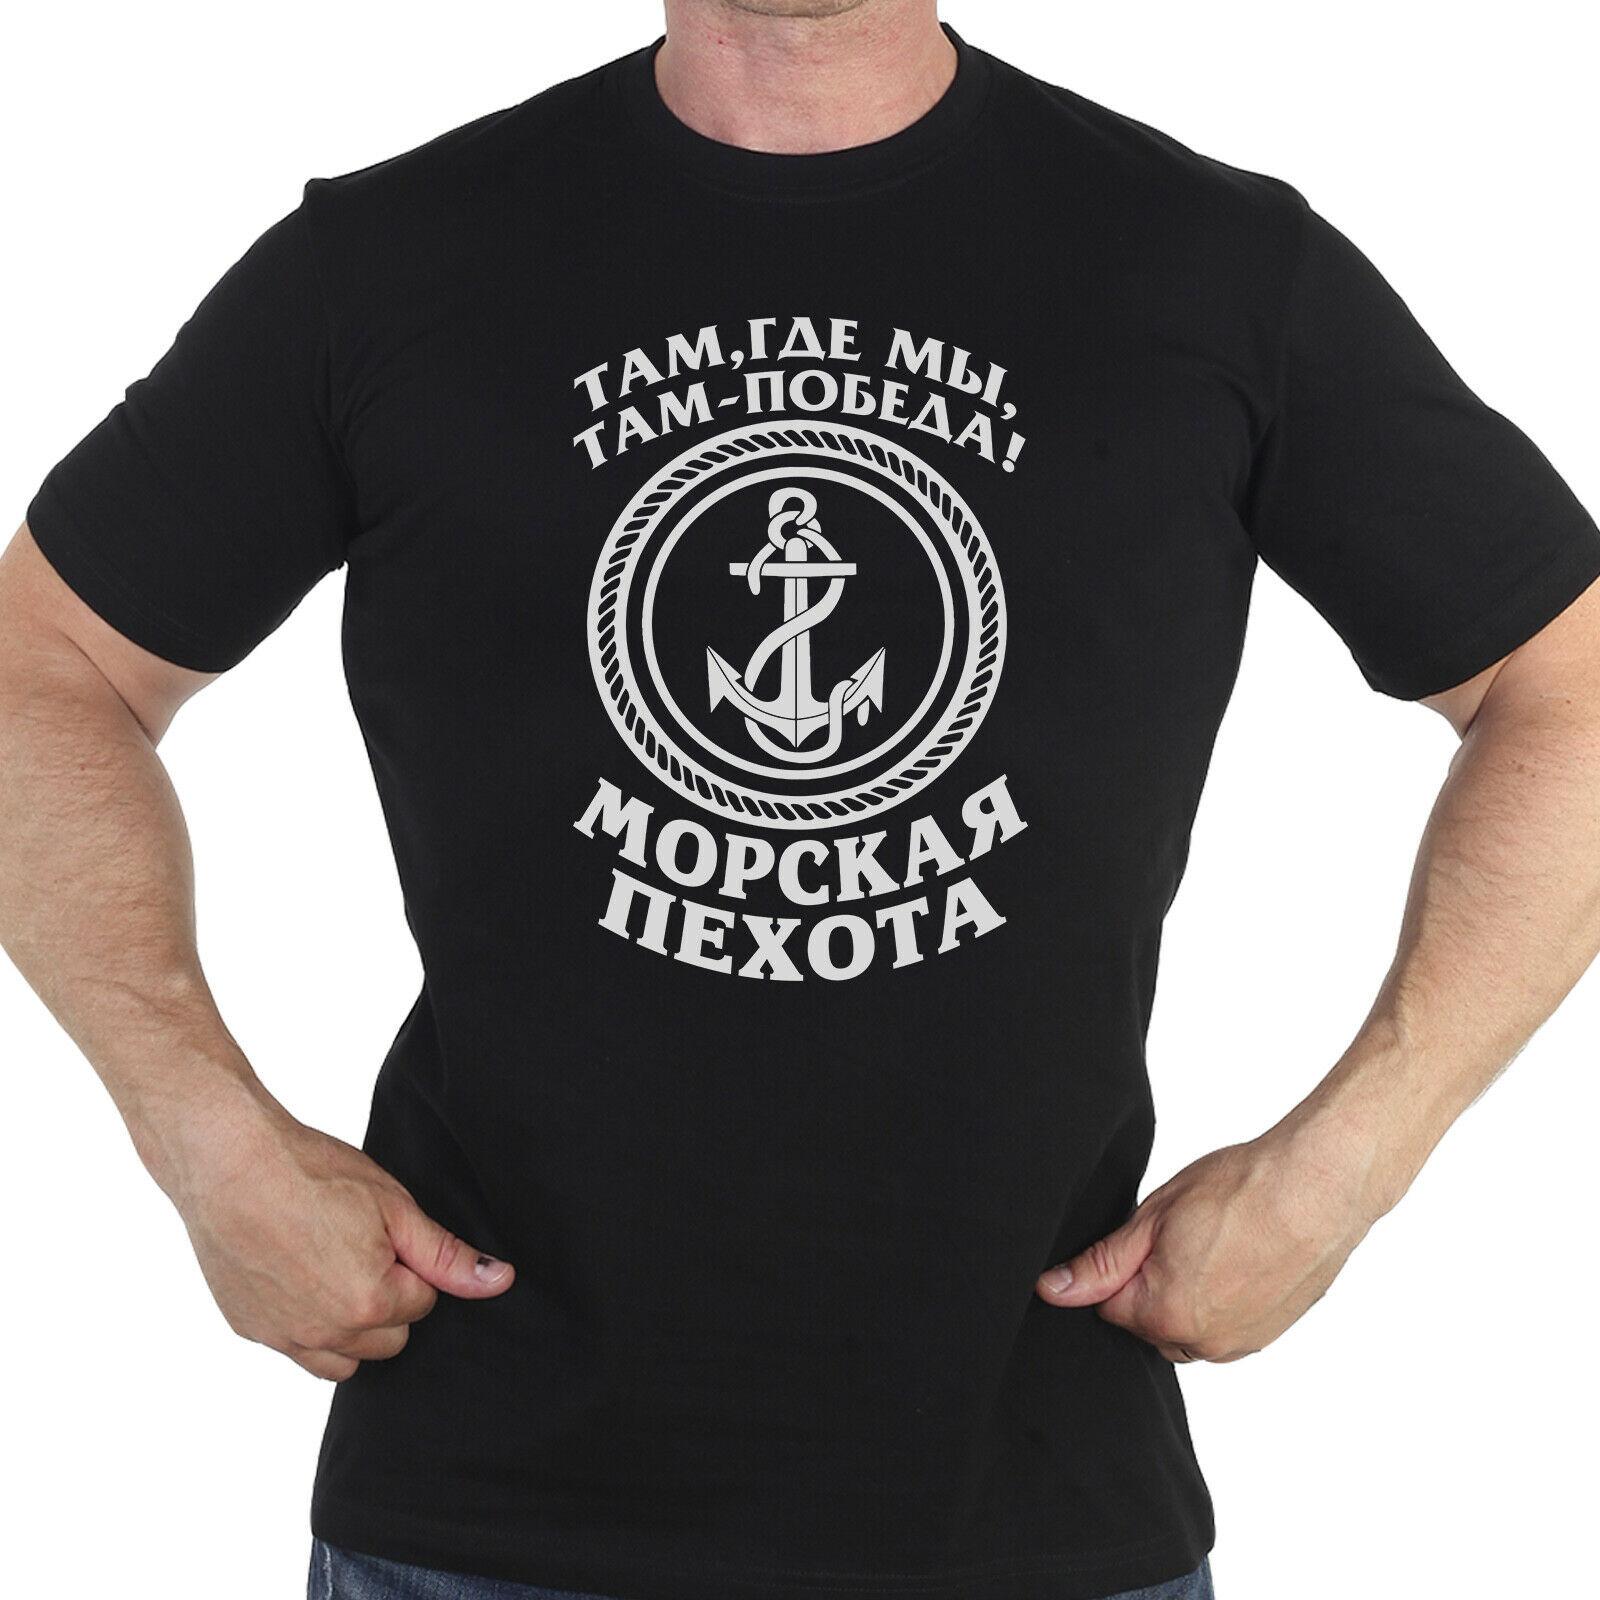 Camiseta militar de los Marines para hombre de Camisa de algodón en...